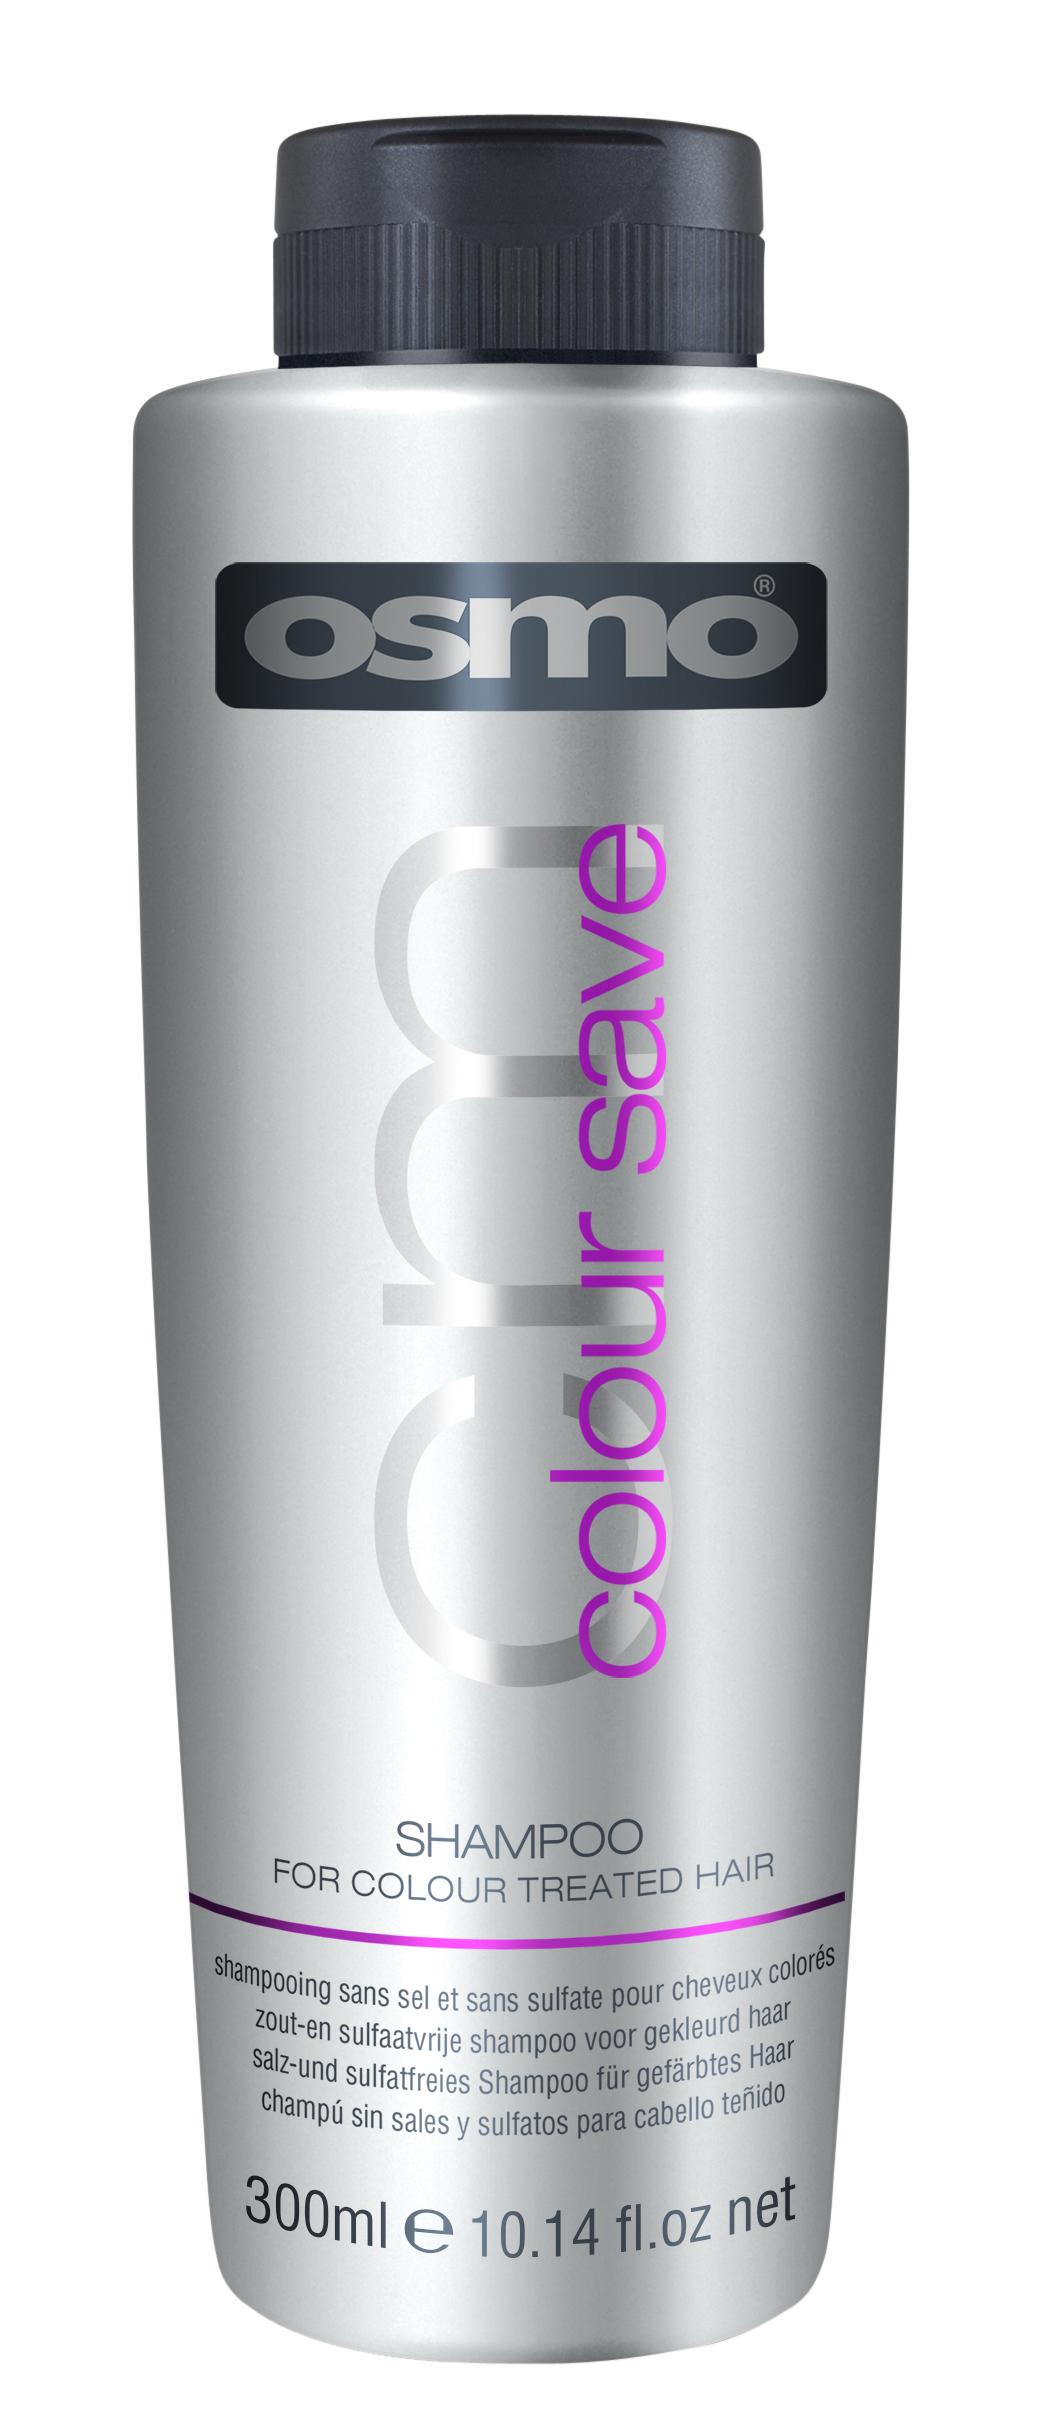 OSMO Шампунь для окрашенных волос Сохранение цвета / Color Save 300мл osmo part1